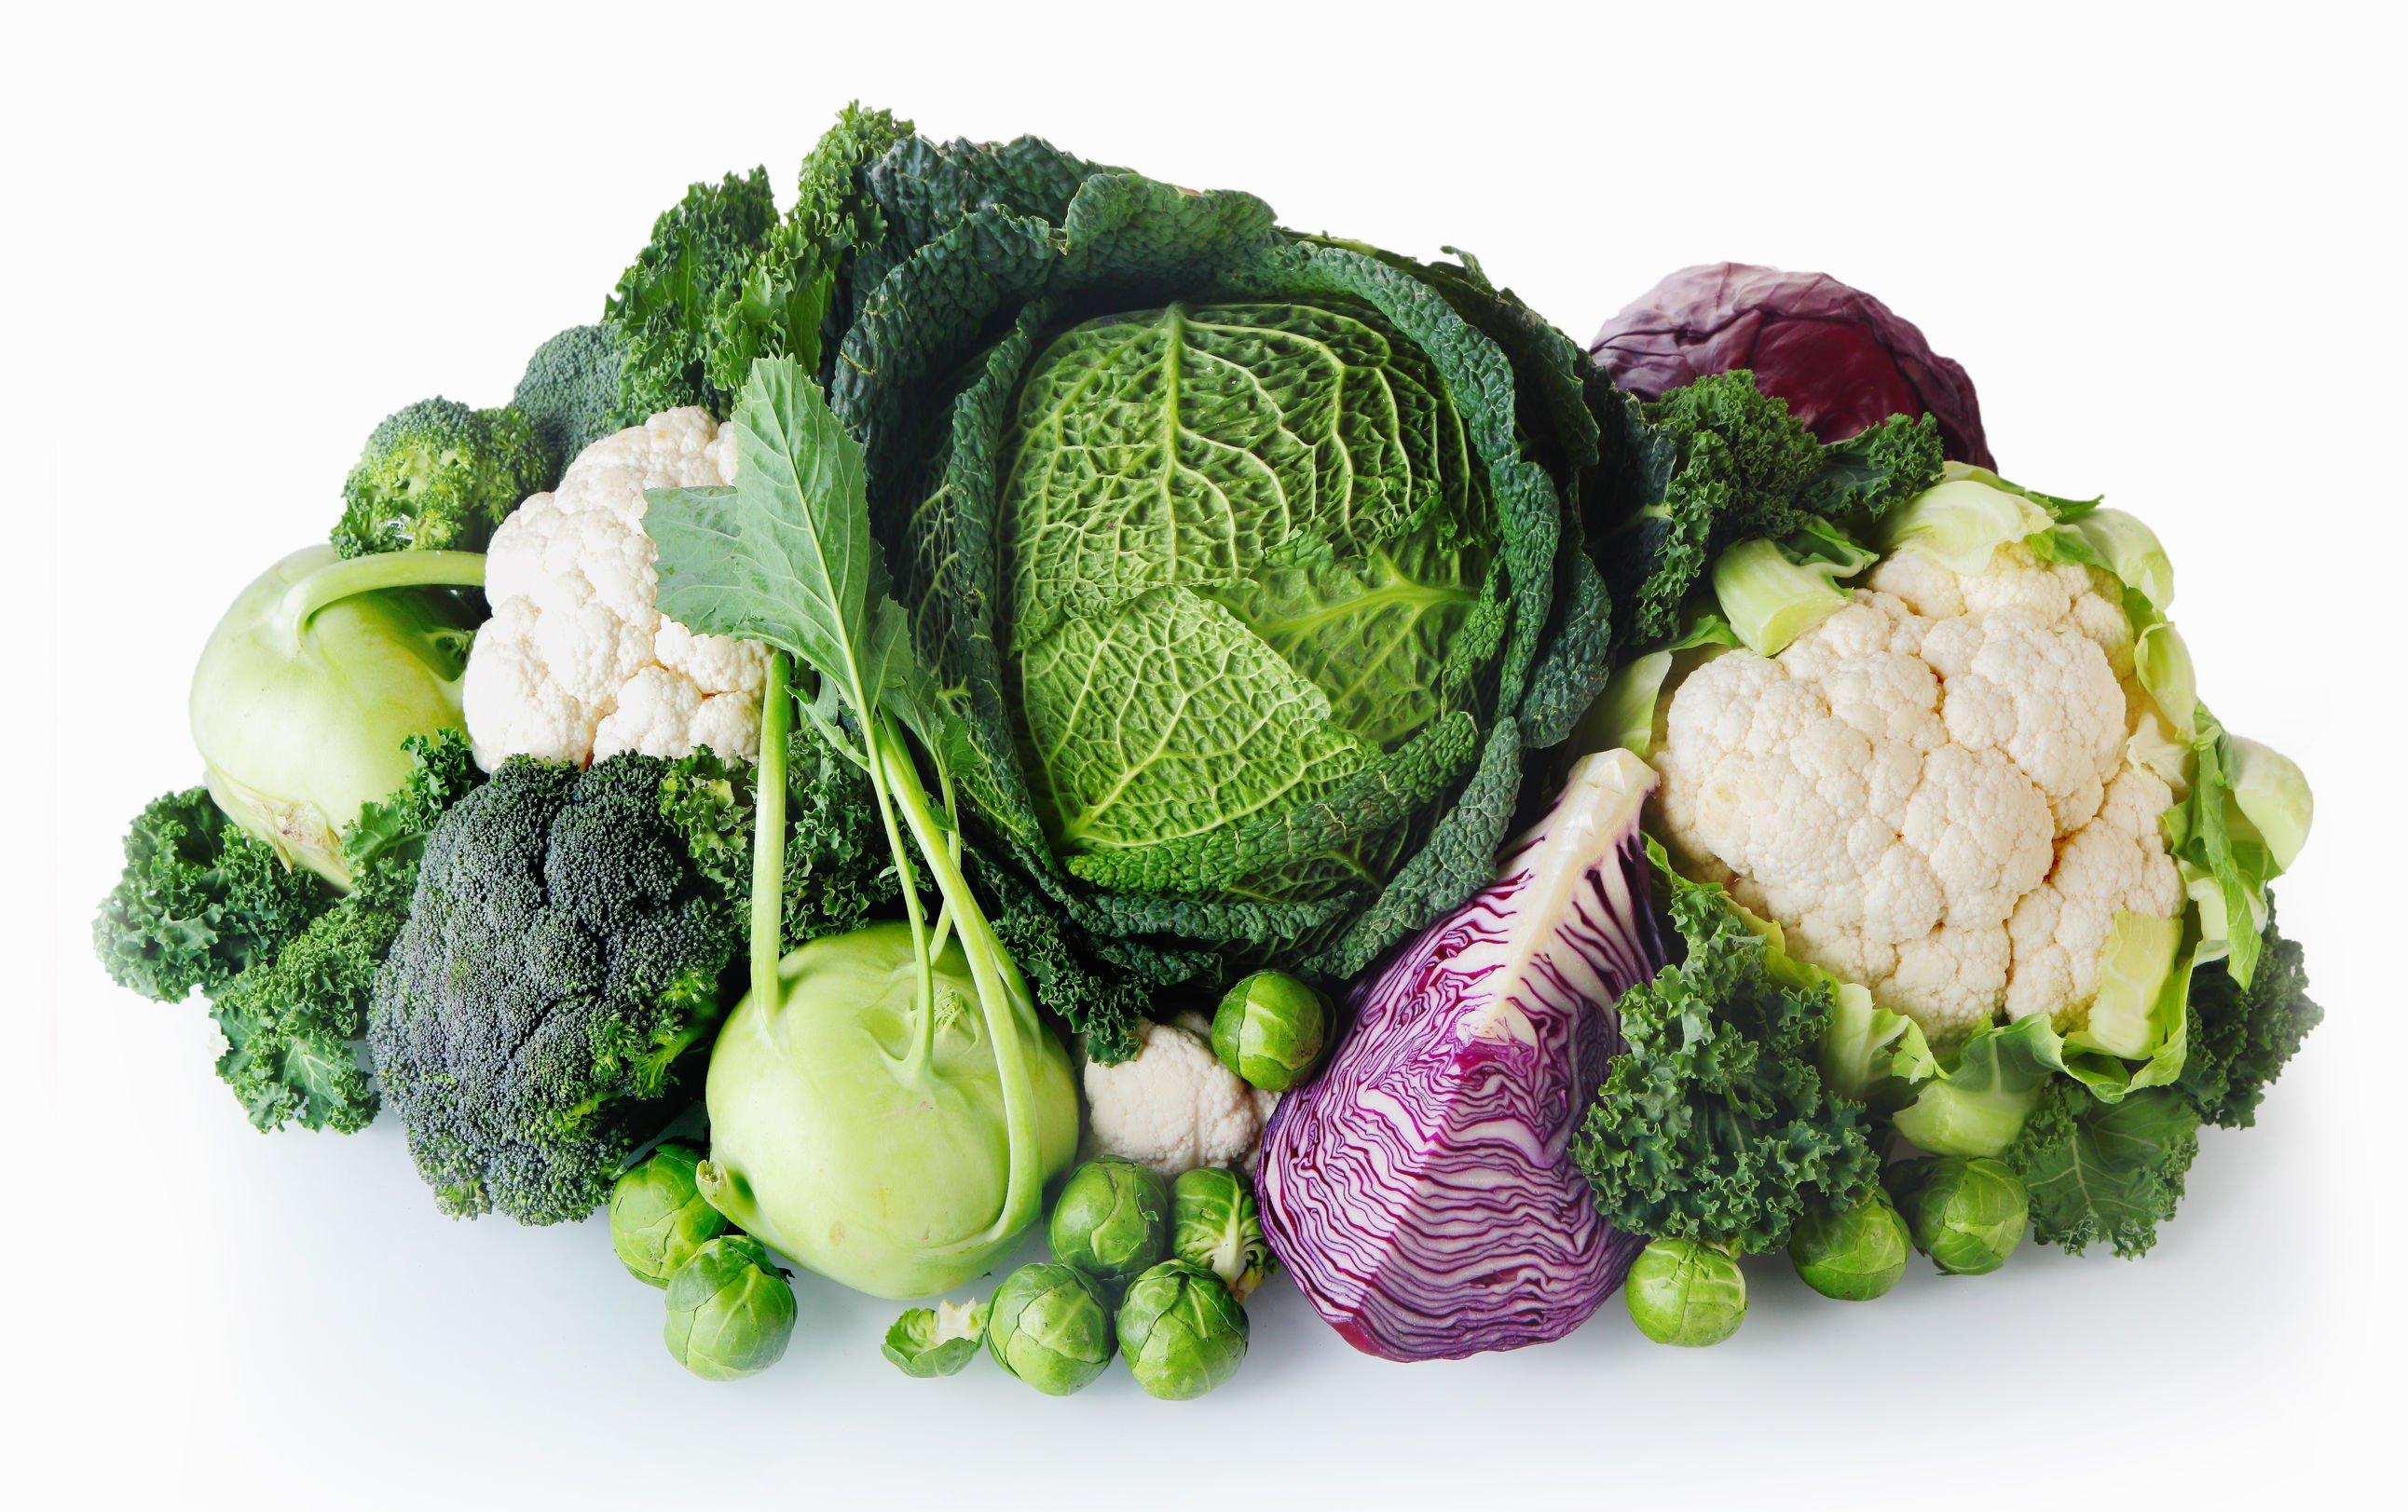 Bổ sung nhiều rau xanh vào chế độ dinh dưỡng